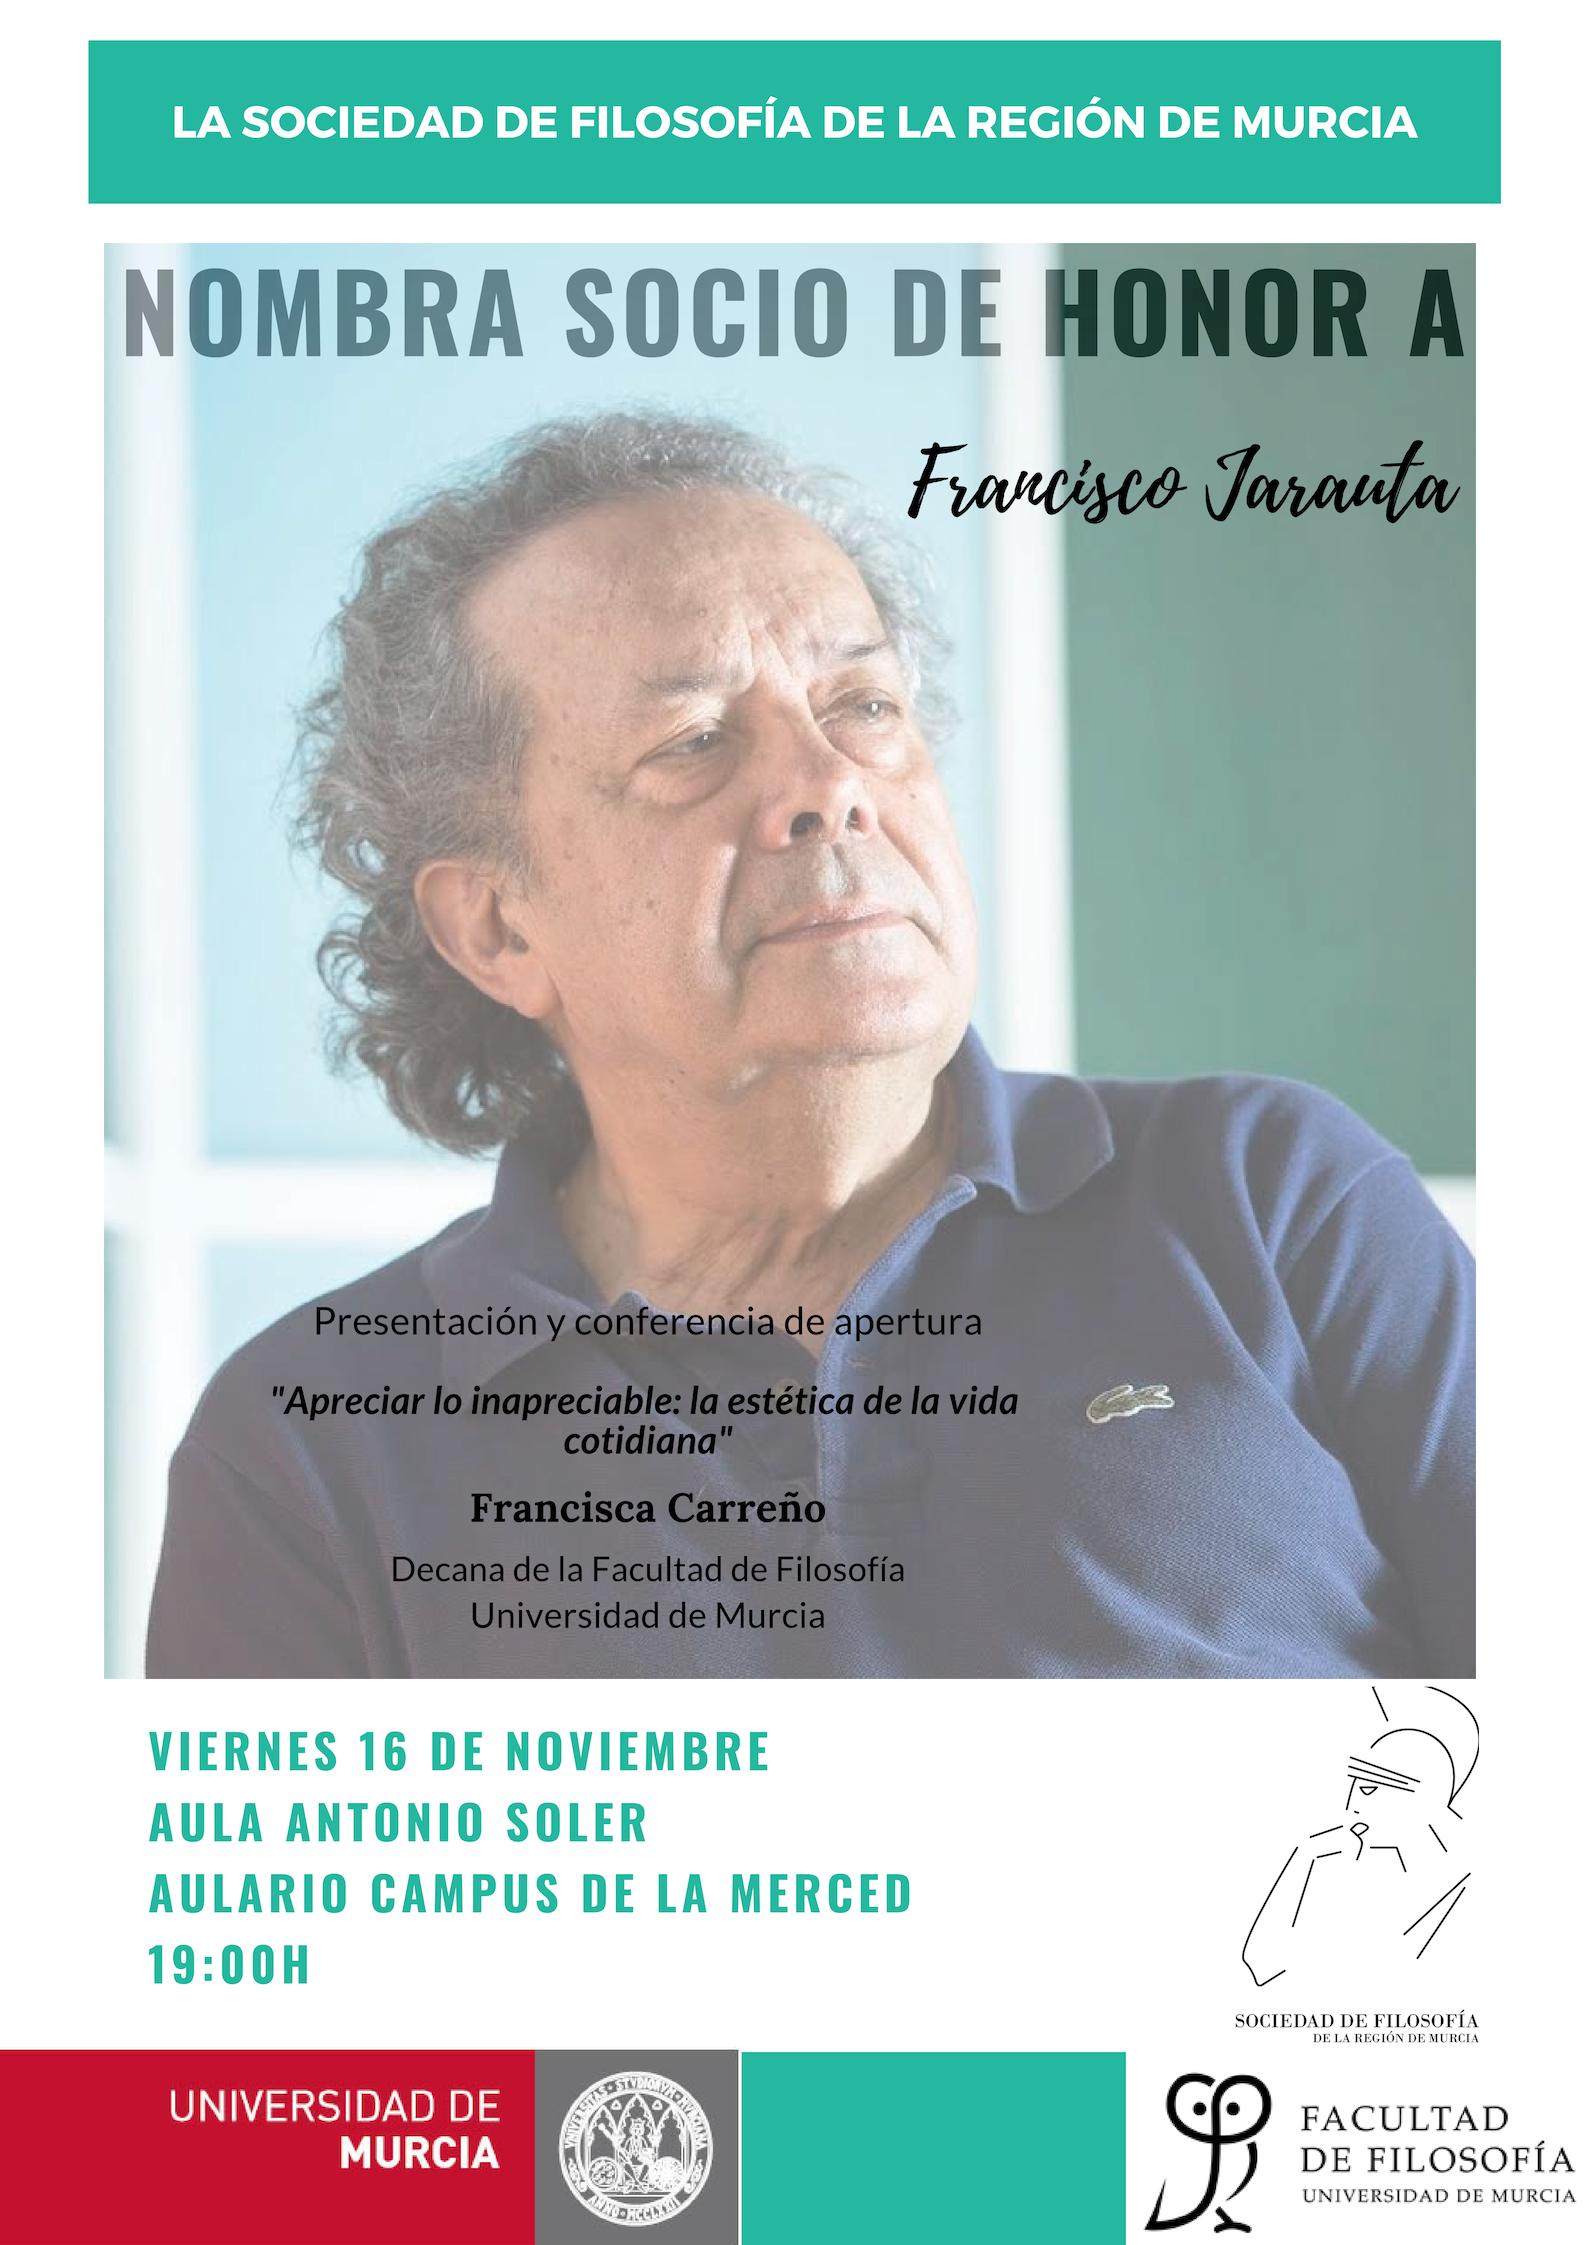 Francisco Jarauta: acto de nombramiento como socio de honor de la SFRM (2018)